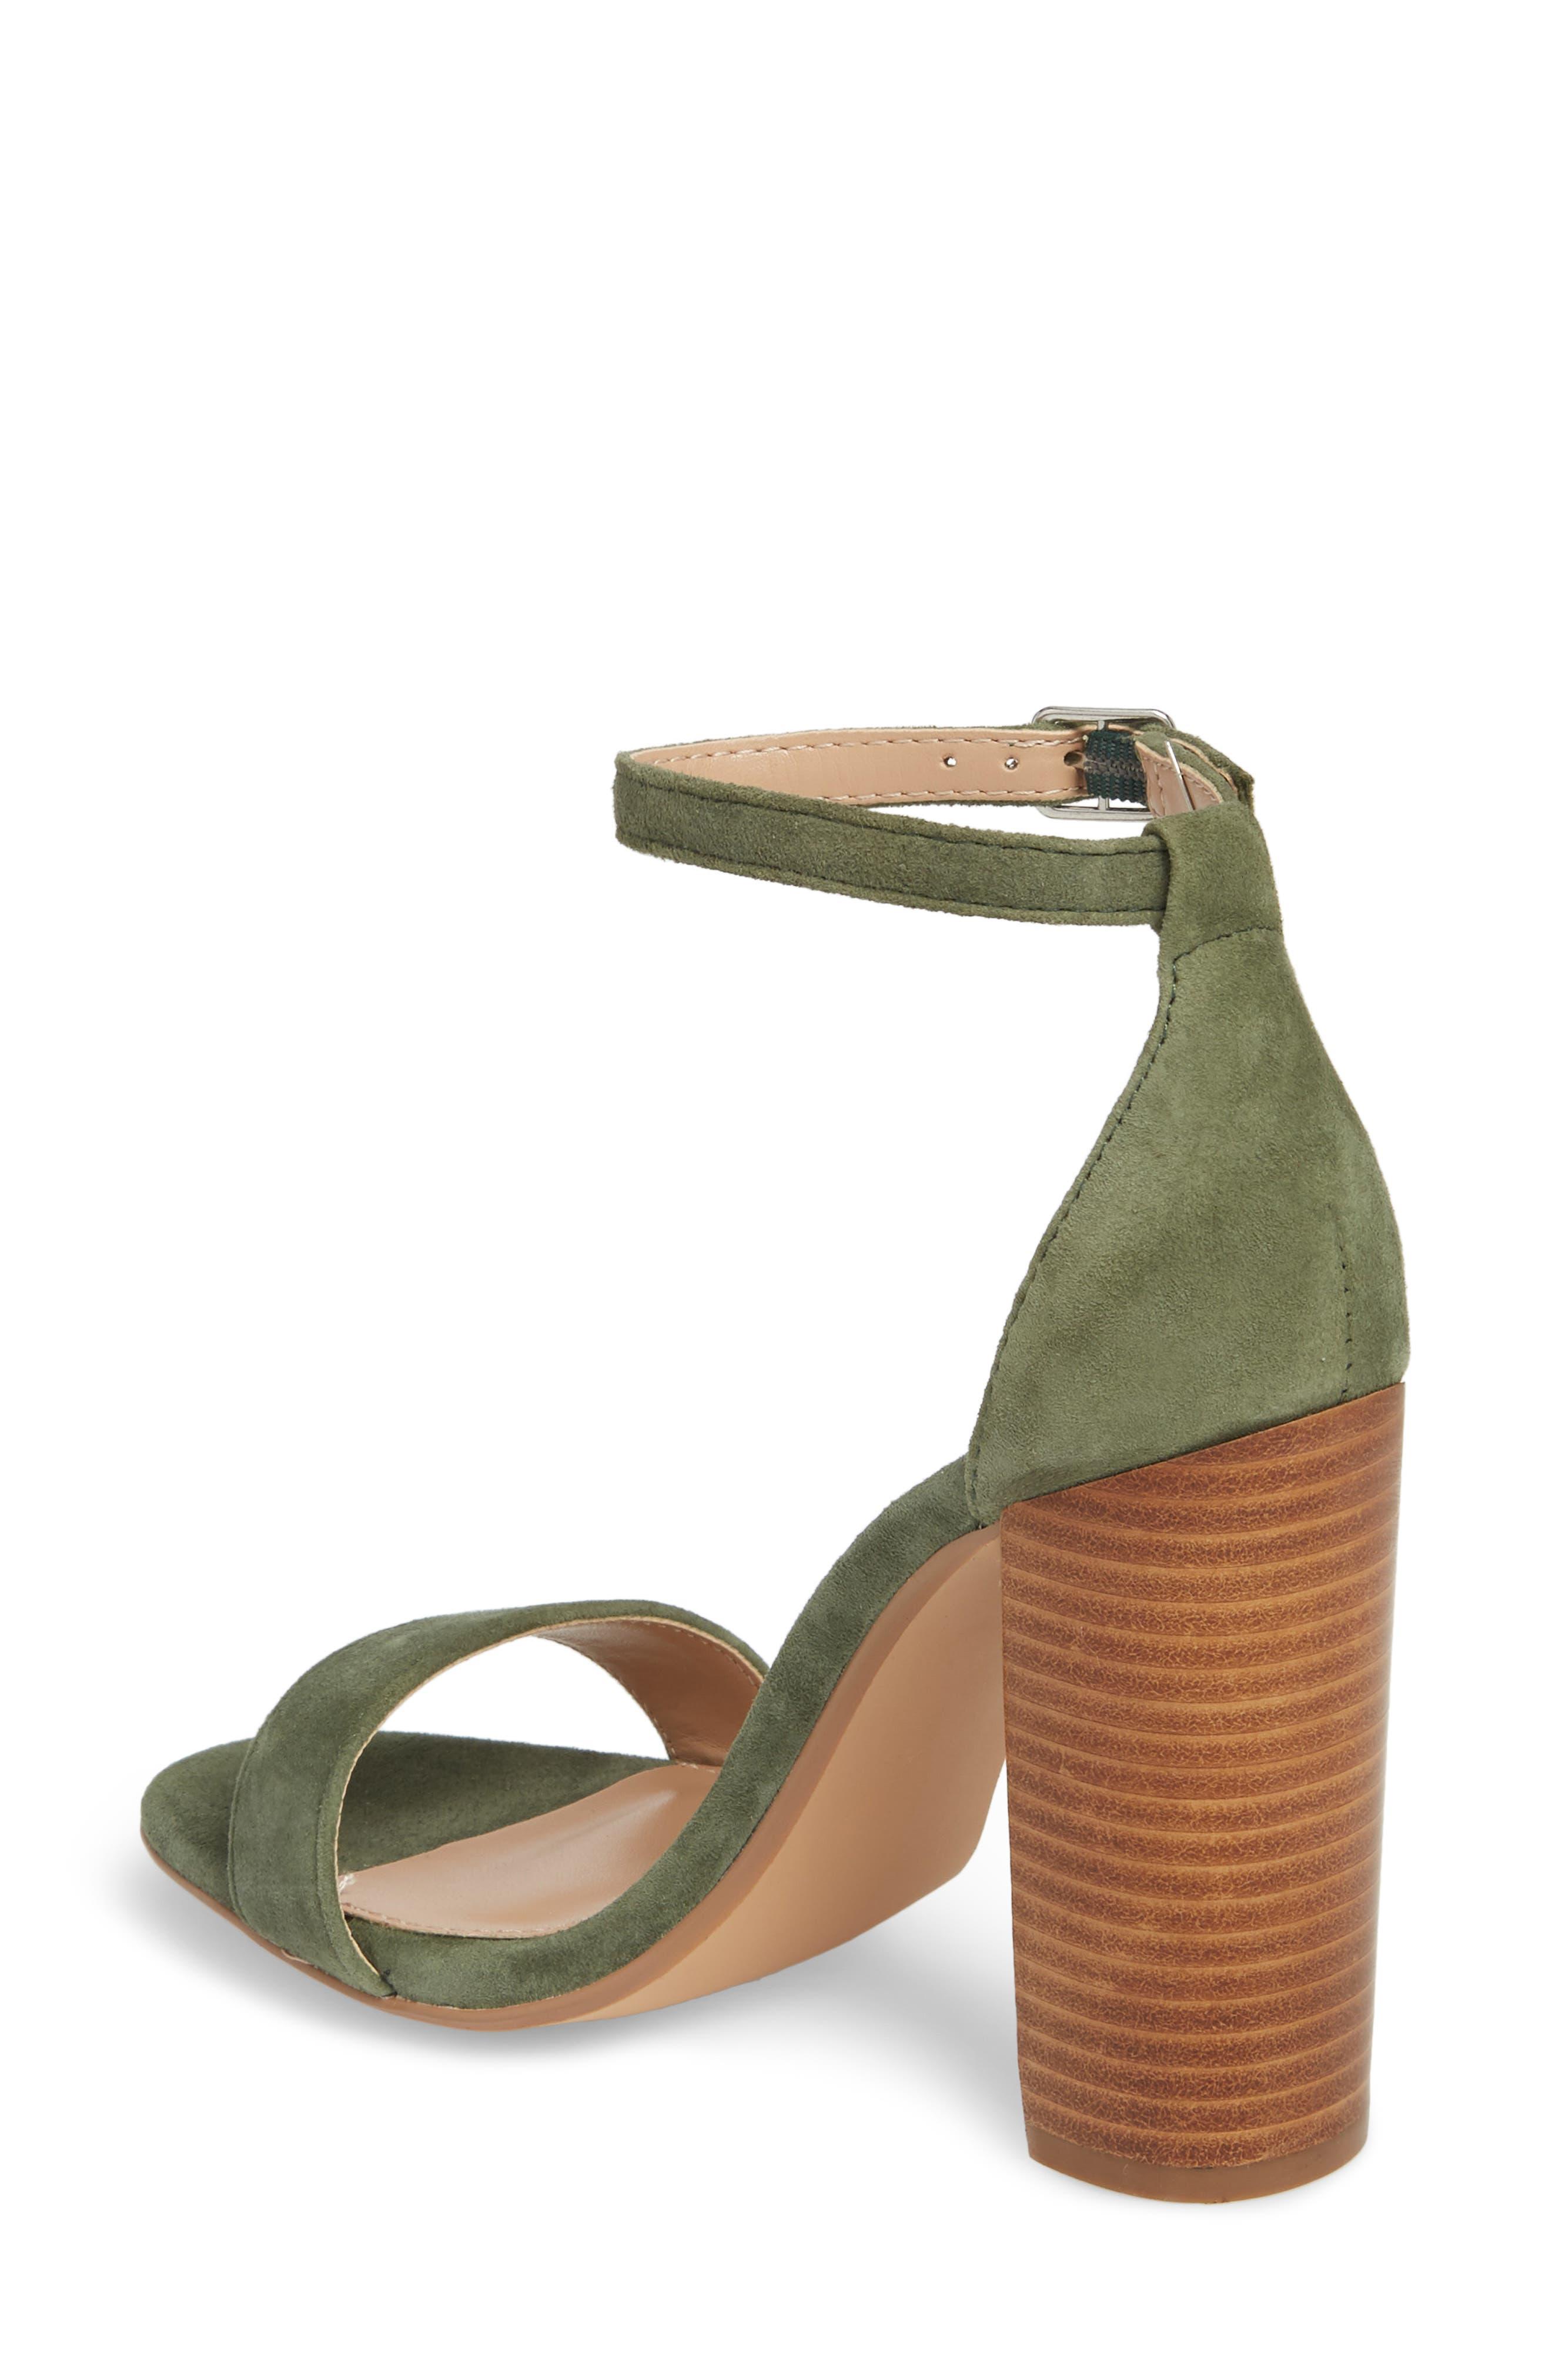 Carrson Sandal,                             Alternate thumbnail 2, color,                             Olive Multi